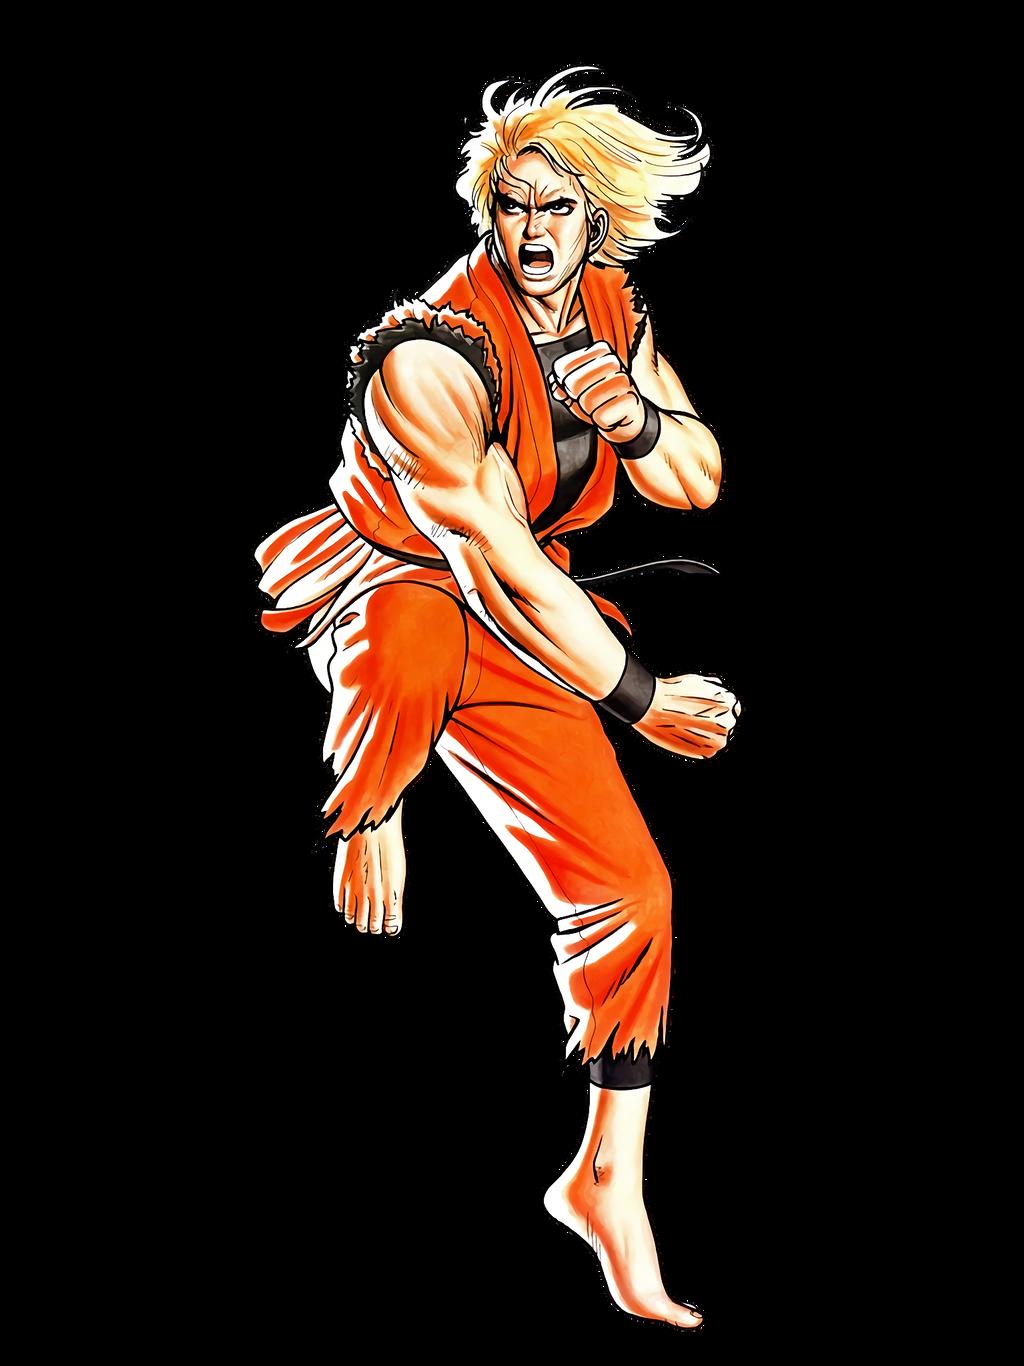 Art Of Fighting Ryo Sakazaki By Hes6789 On Deviantart